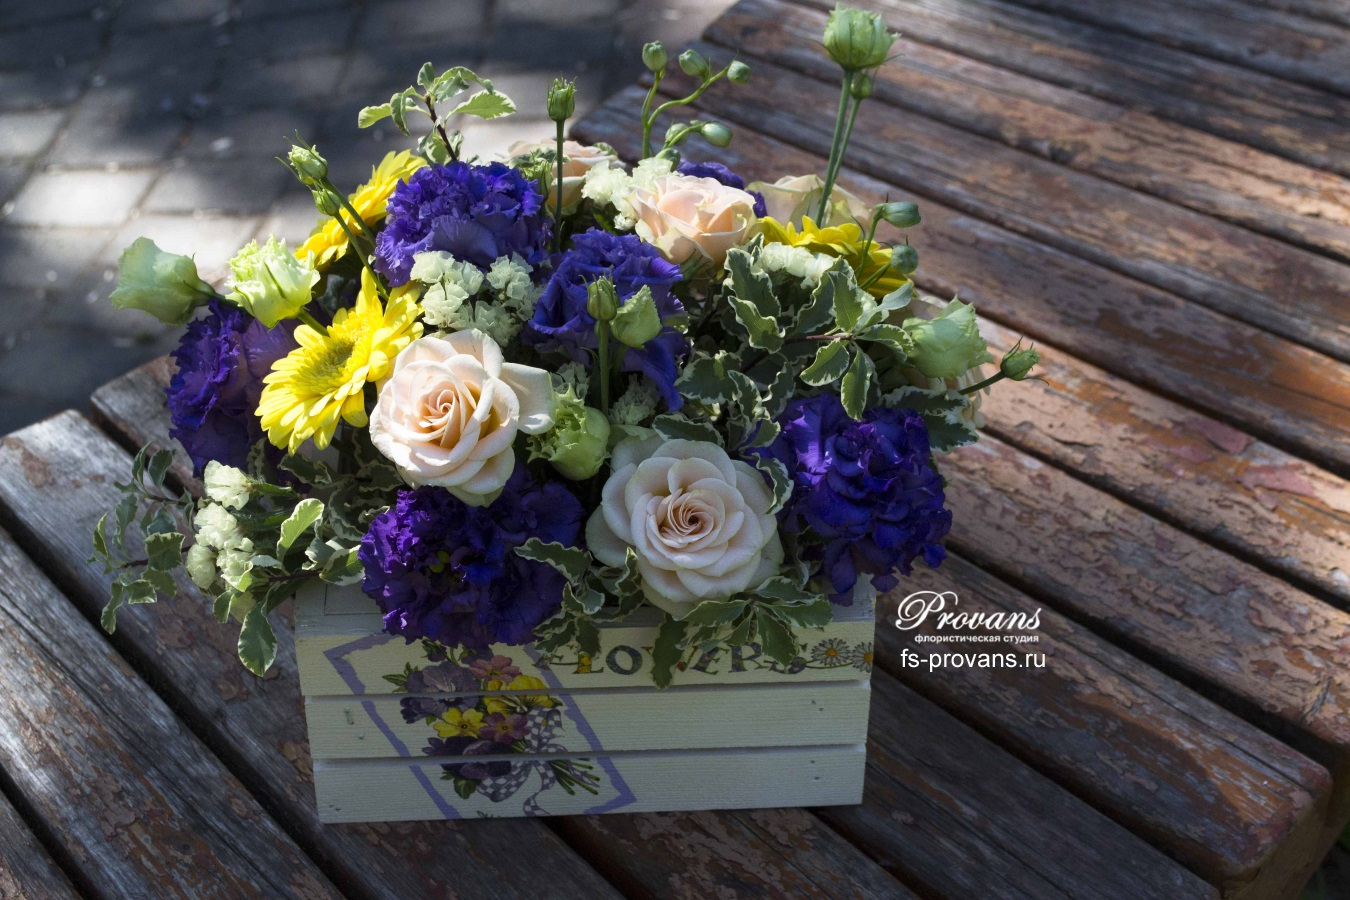 Цветы в кашпо. Розы, гербера, эустома, дельфиниум